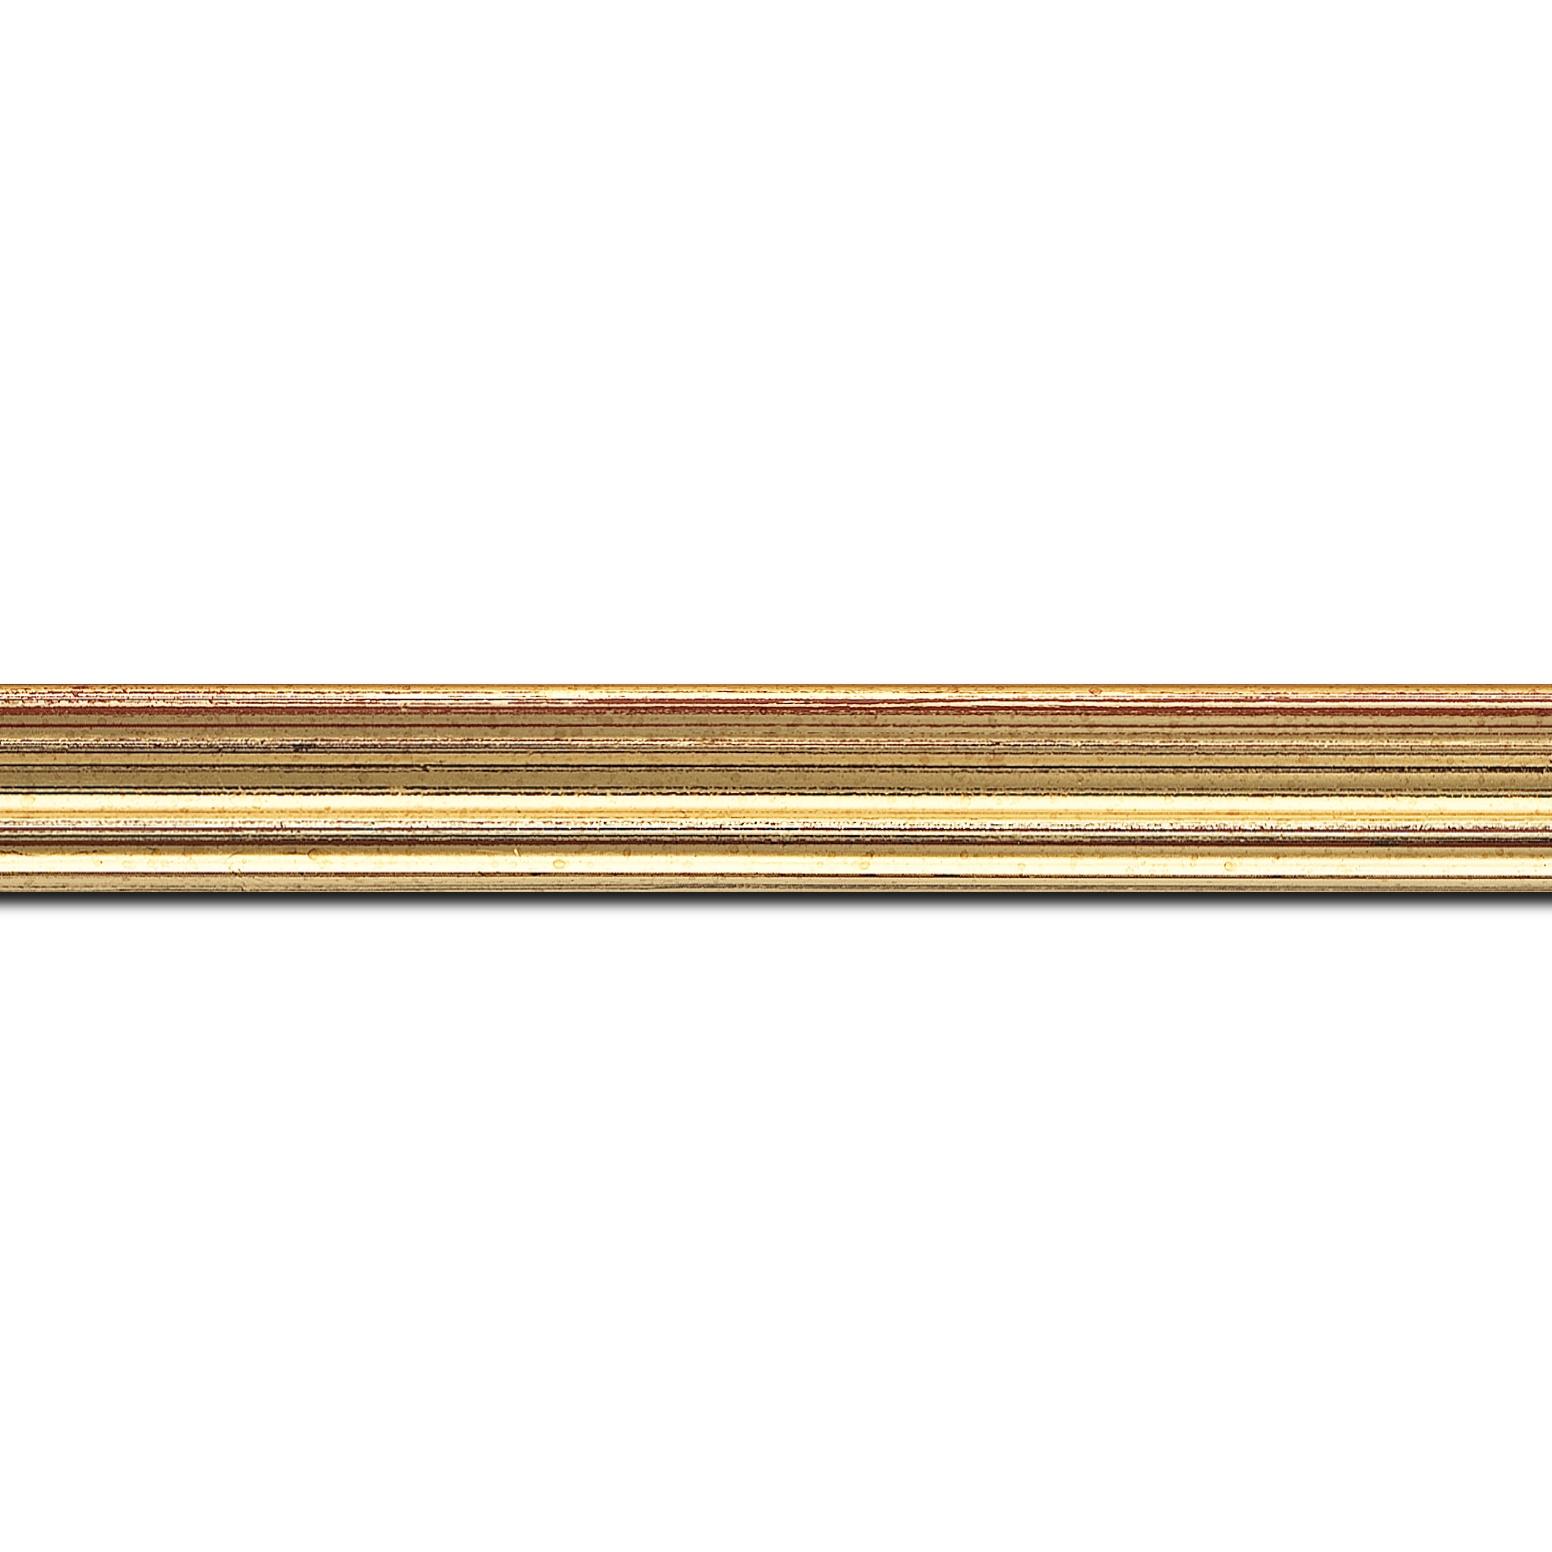 Baguette longueur 1.40m bois profil incurvé largeur 2.1cm or patiné à la feuille